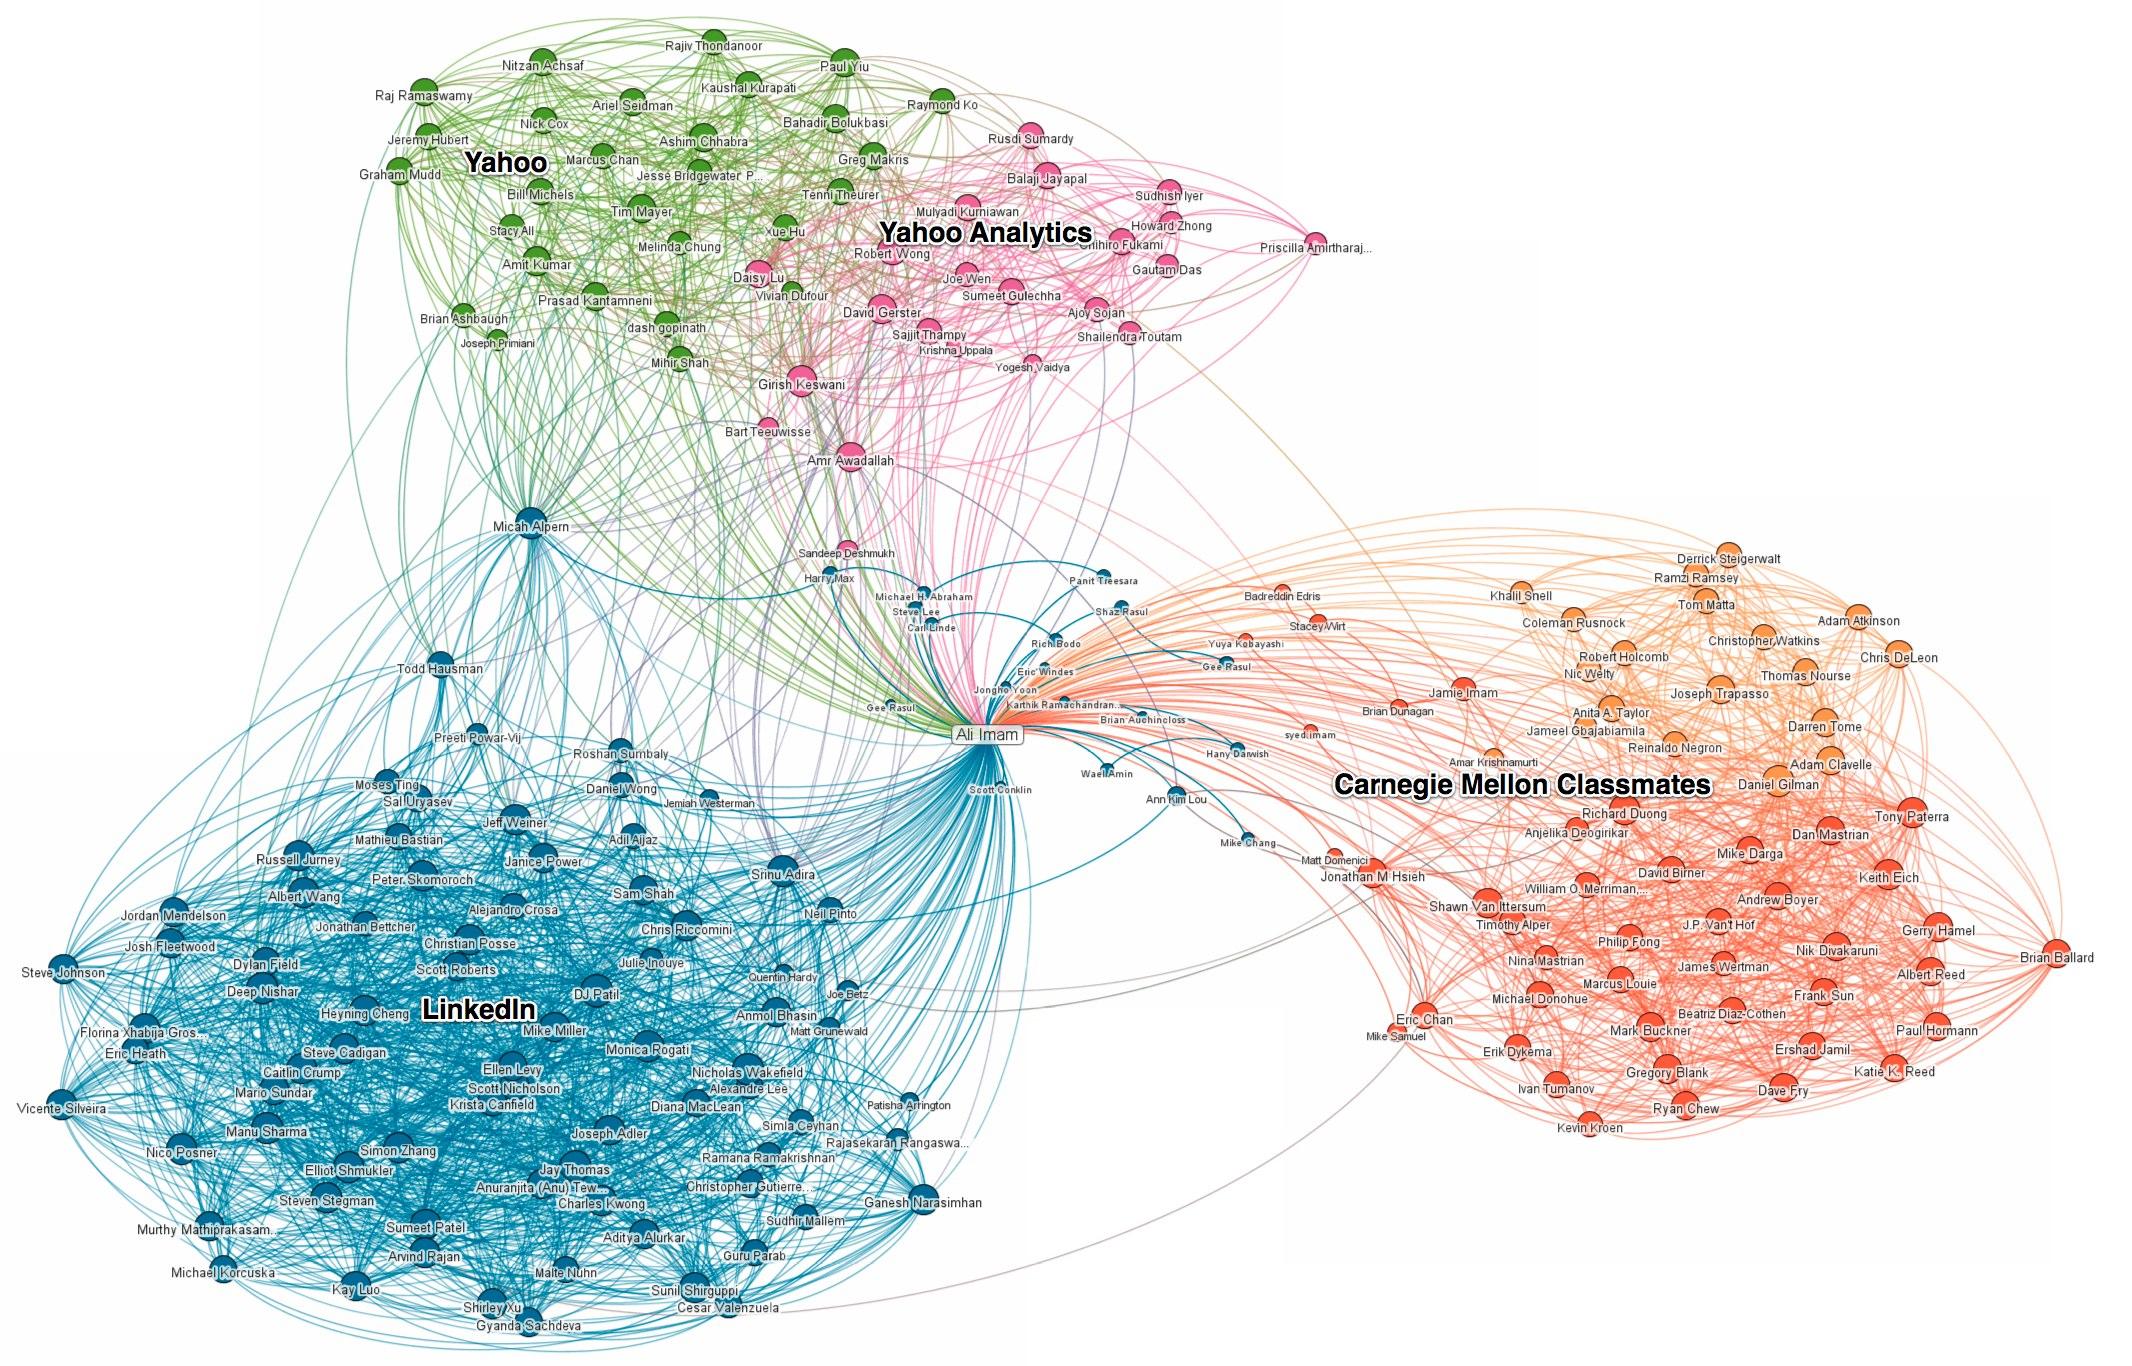 Réseaux sociaux : LinkedIn Maps permet aux utilisateurs de visualiser leurs relations professionnelles - InMaps de Imam Ali